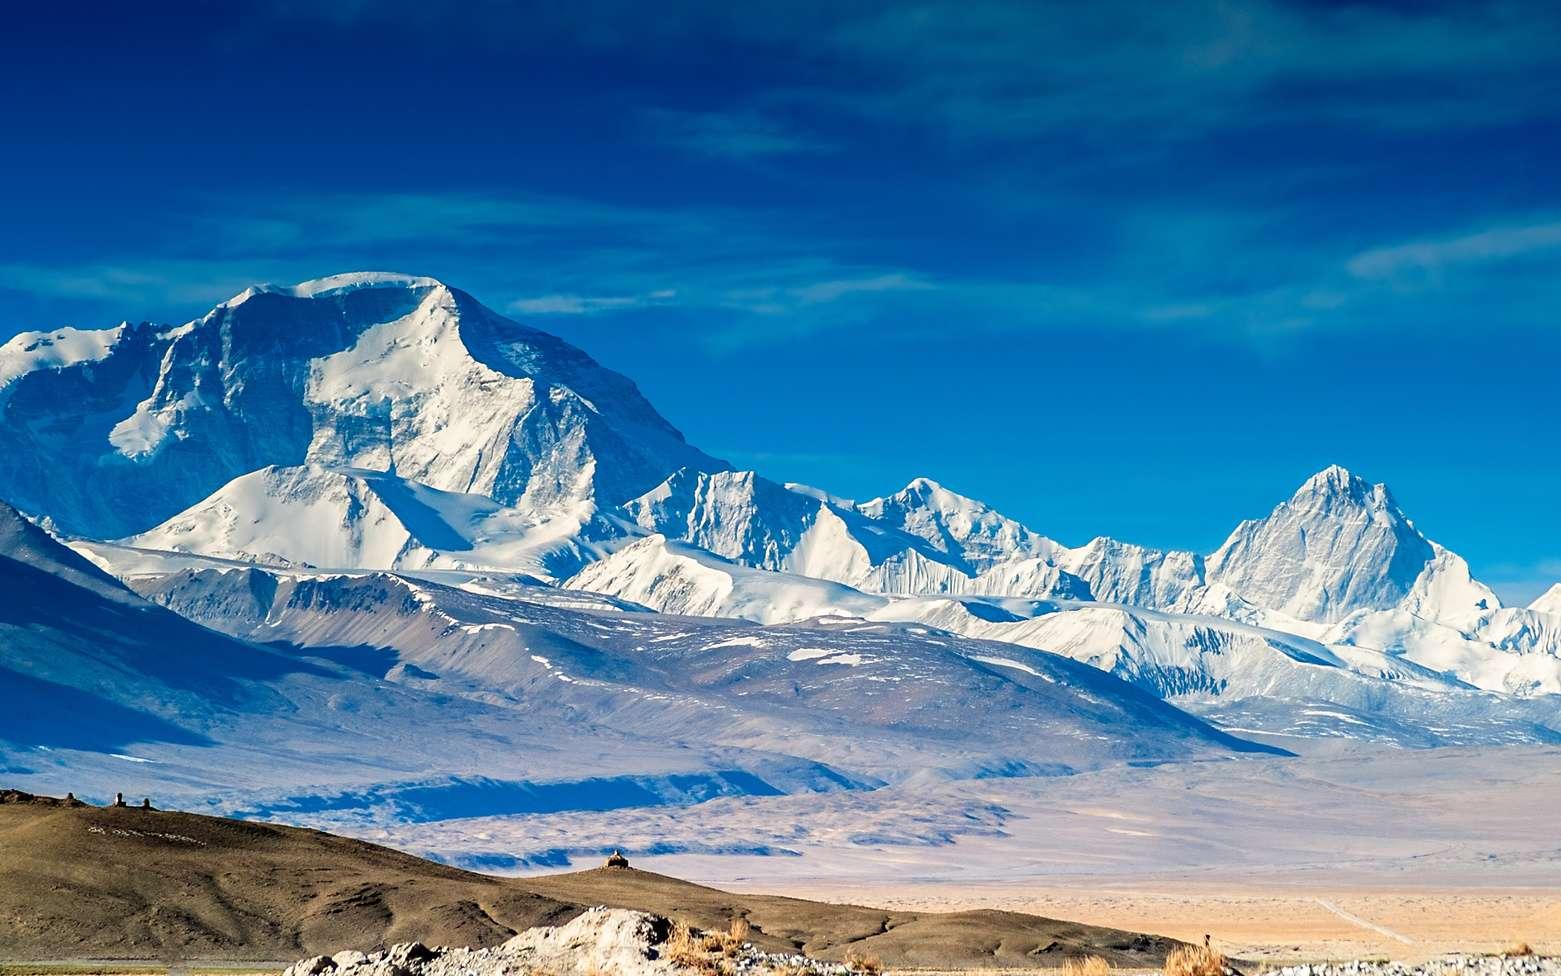 Pourquoi l'air contient-il moins d'oxygène en montagne ? Ici, le mont Everest dans l'Himalaya, vu depuis la Chine (Tibet). © Wang, Fotolia